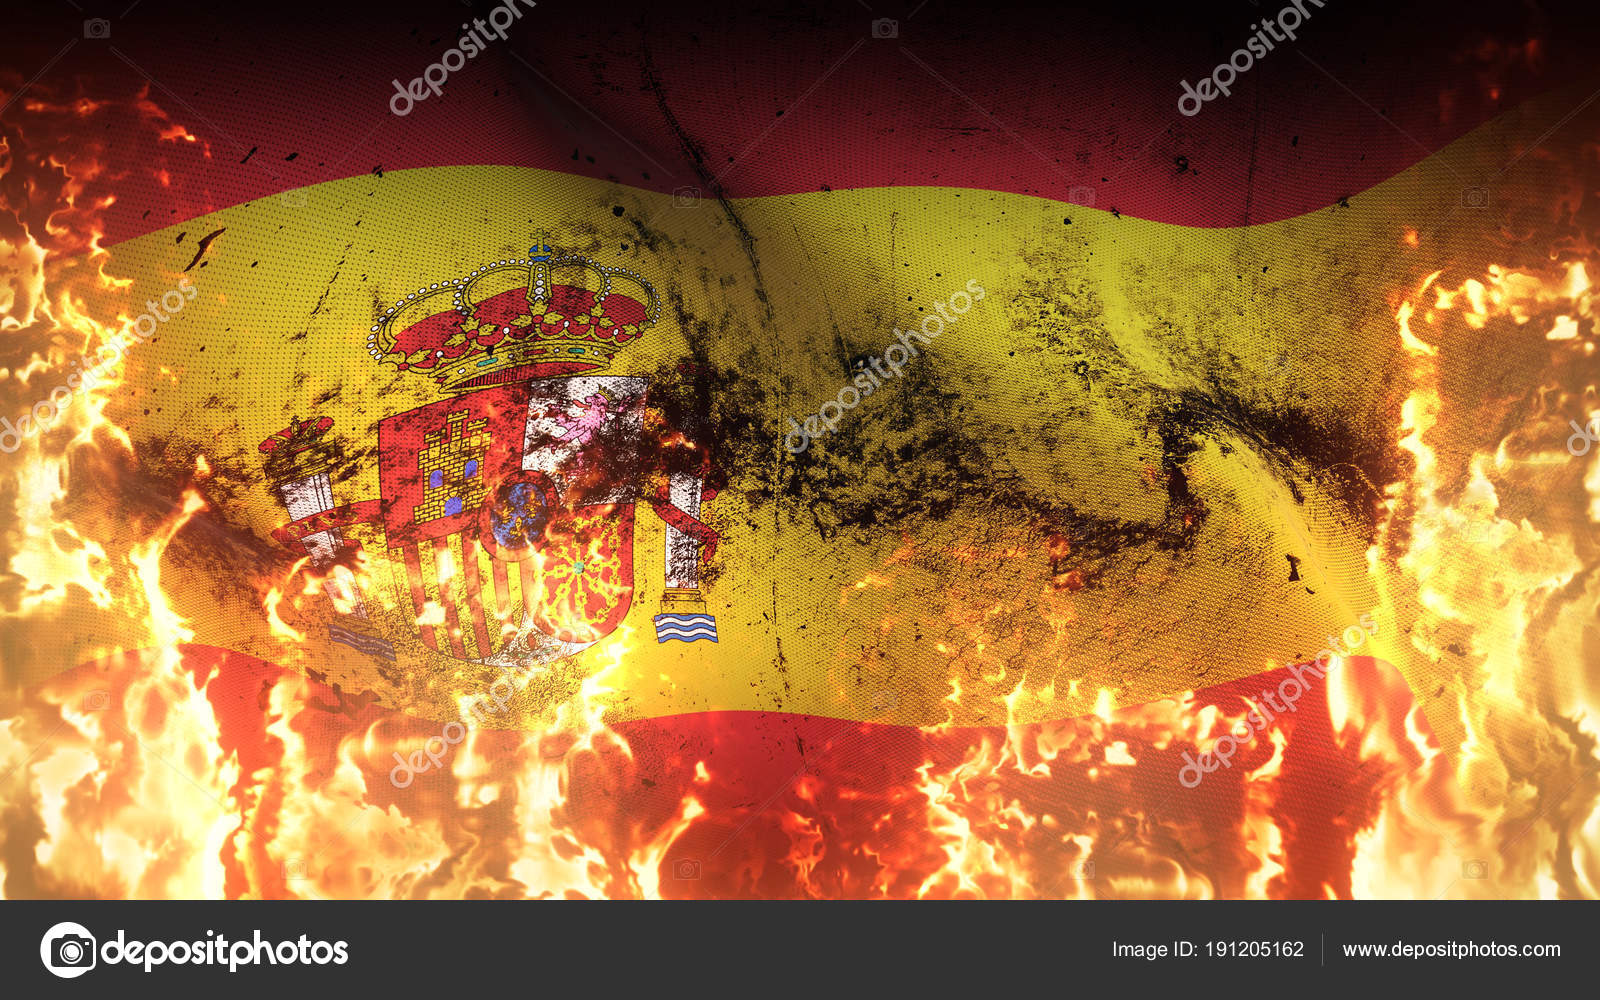 картинки флаг в огне обладает сортами